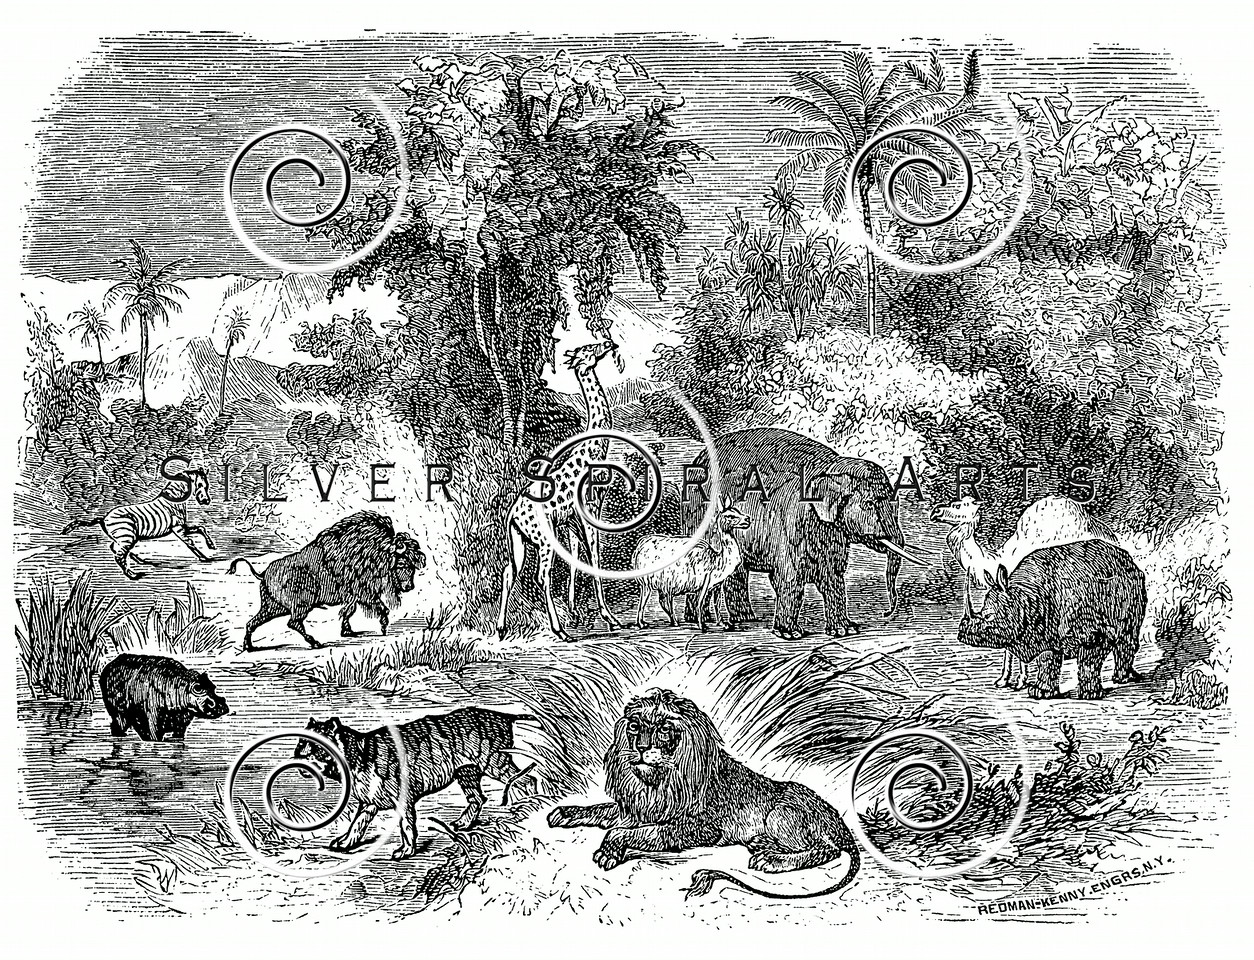 Vintage Mammal Animals Illustration - 1800s Mammals Animal Images